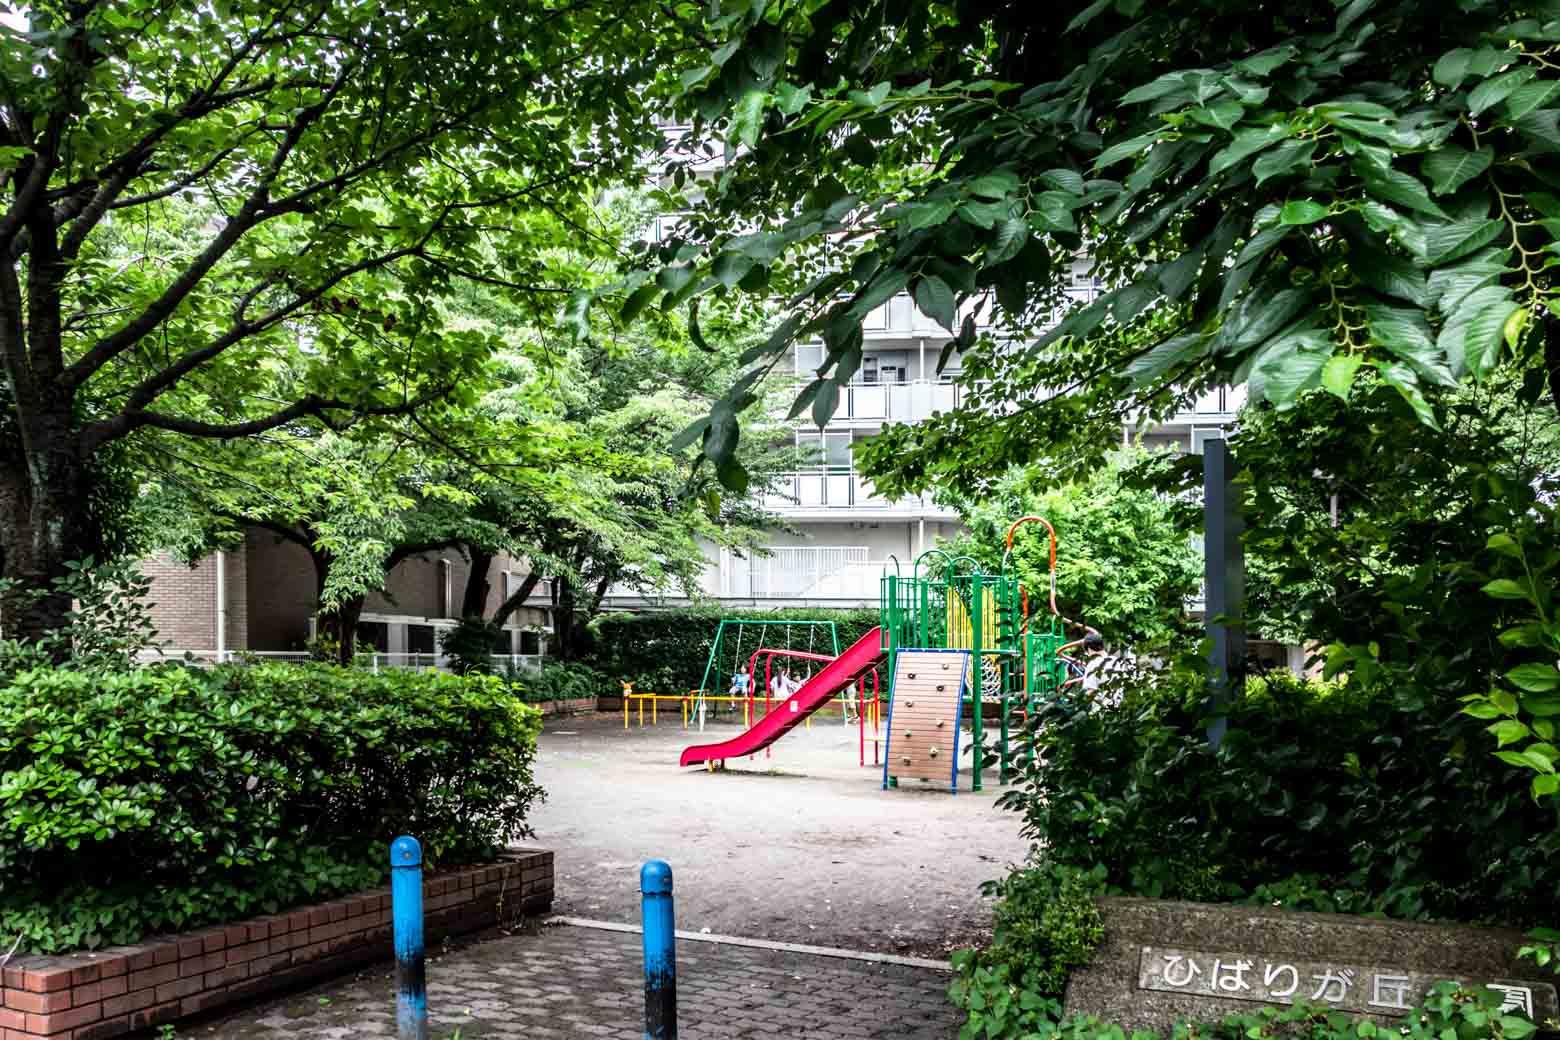 その近くにはこれまた雰囲気のいい公園が。